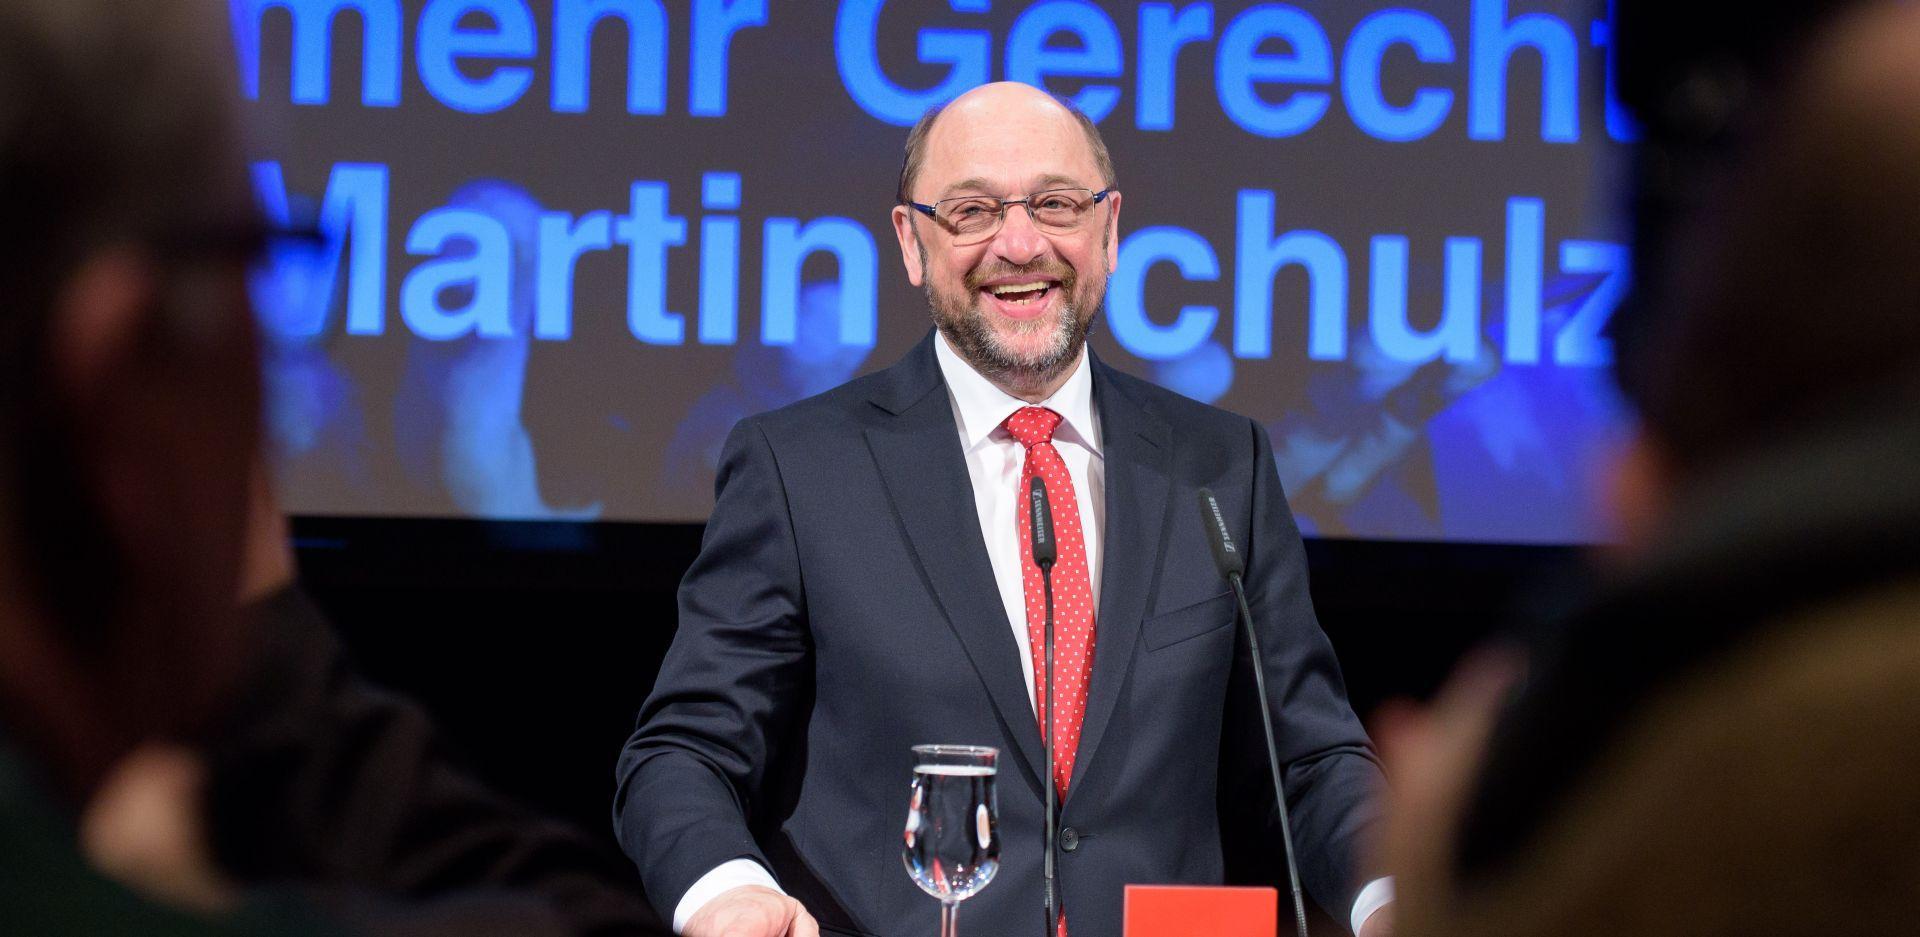 Schulz nastavio trend: Gase li se svjetla europske ljevice?